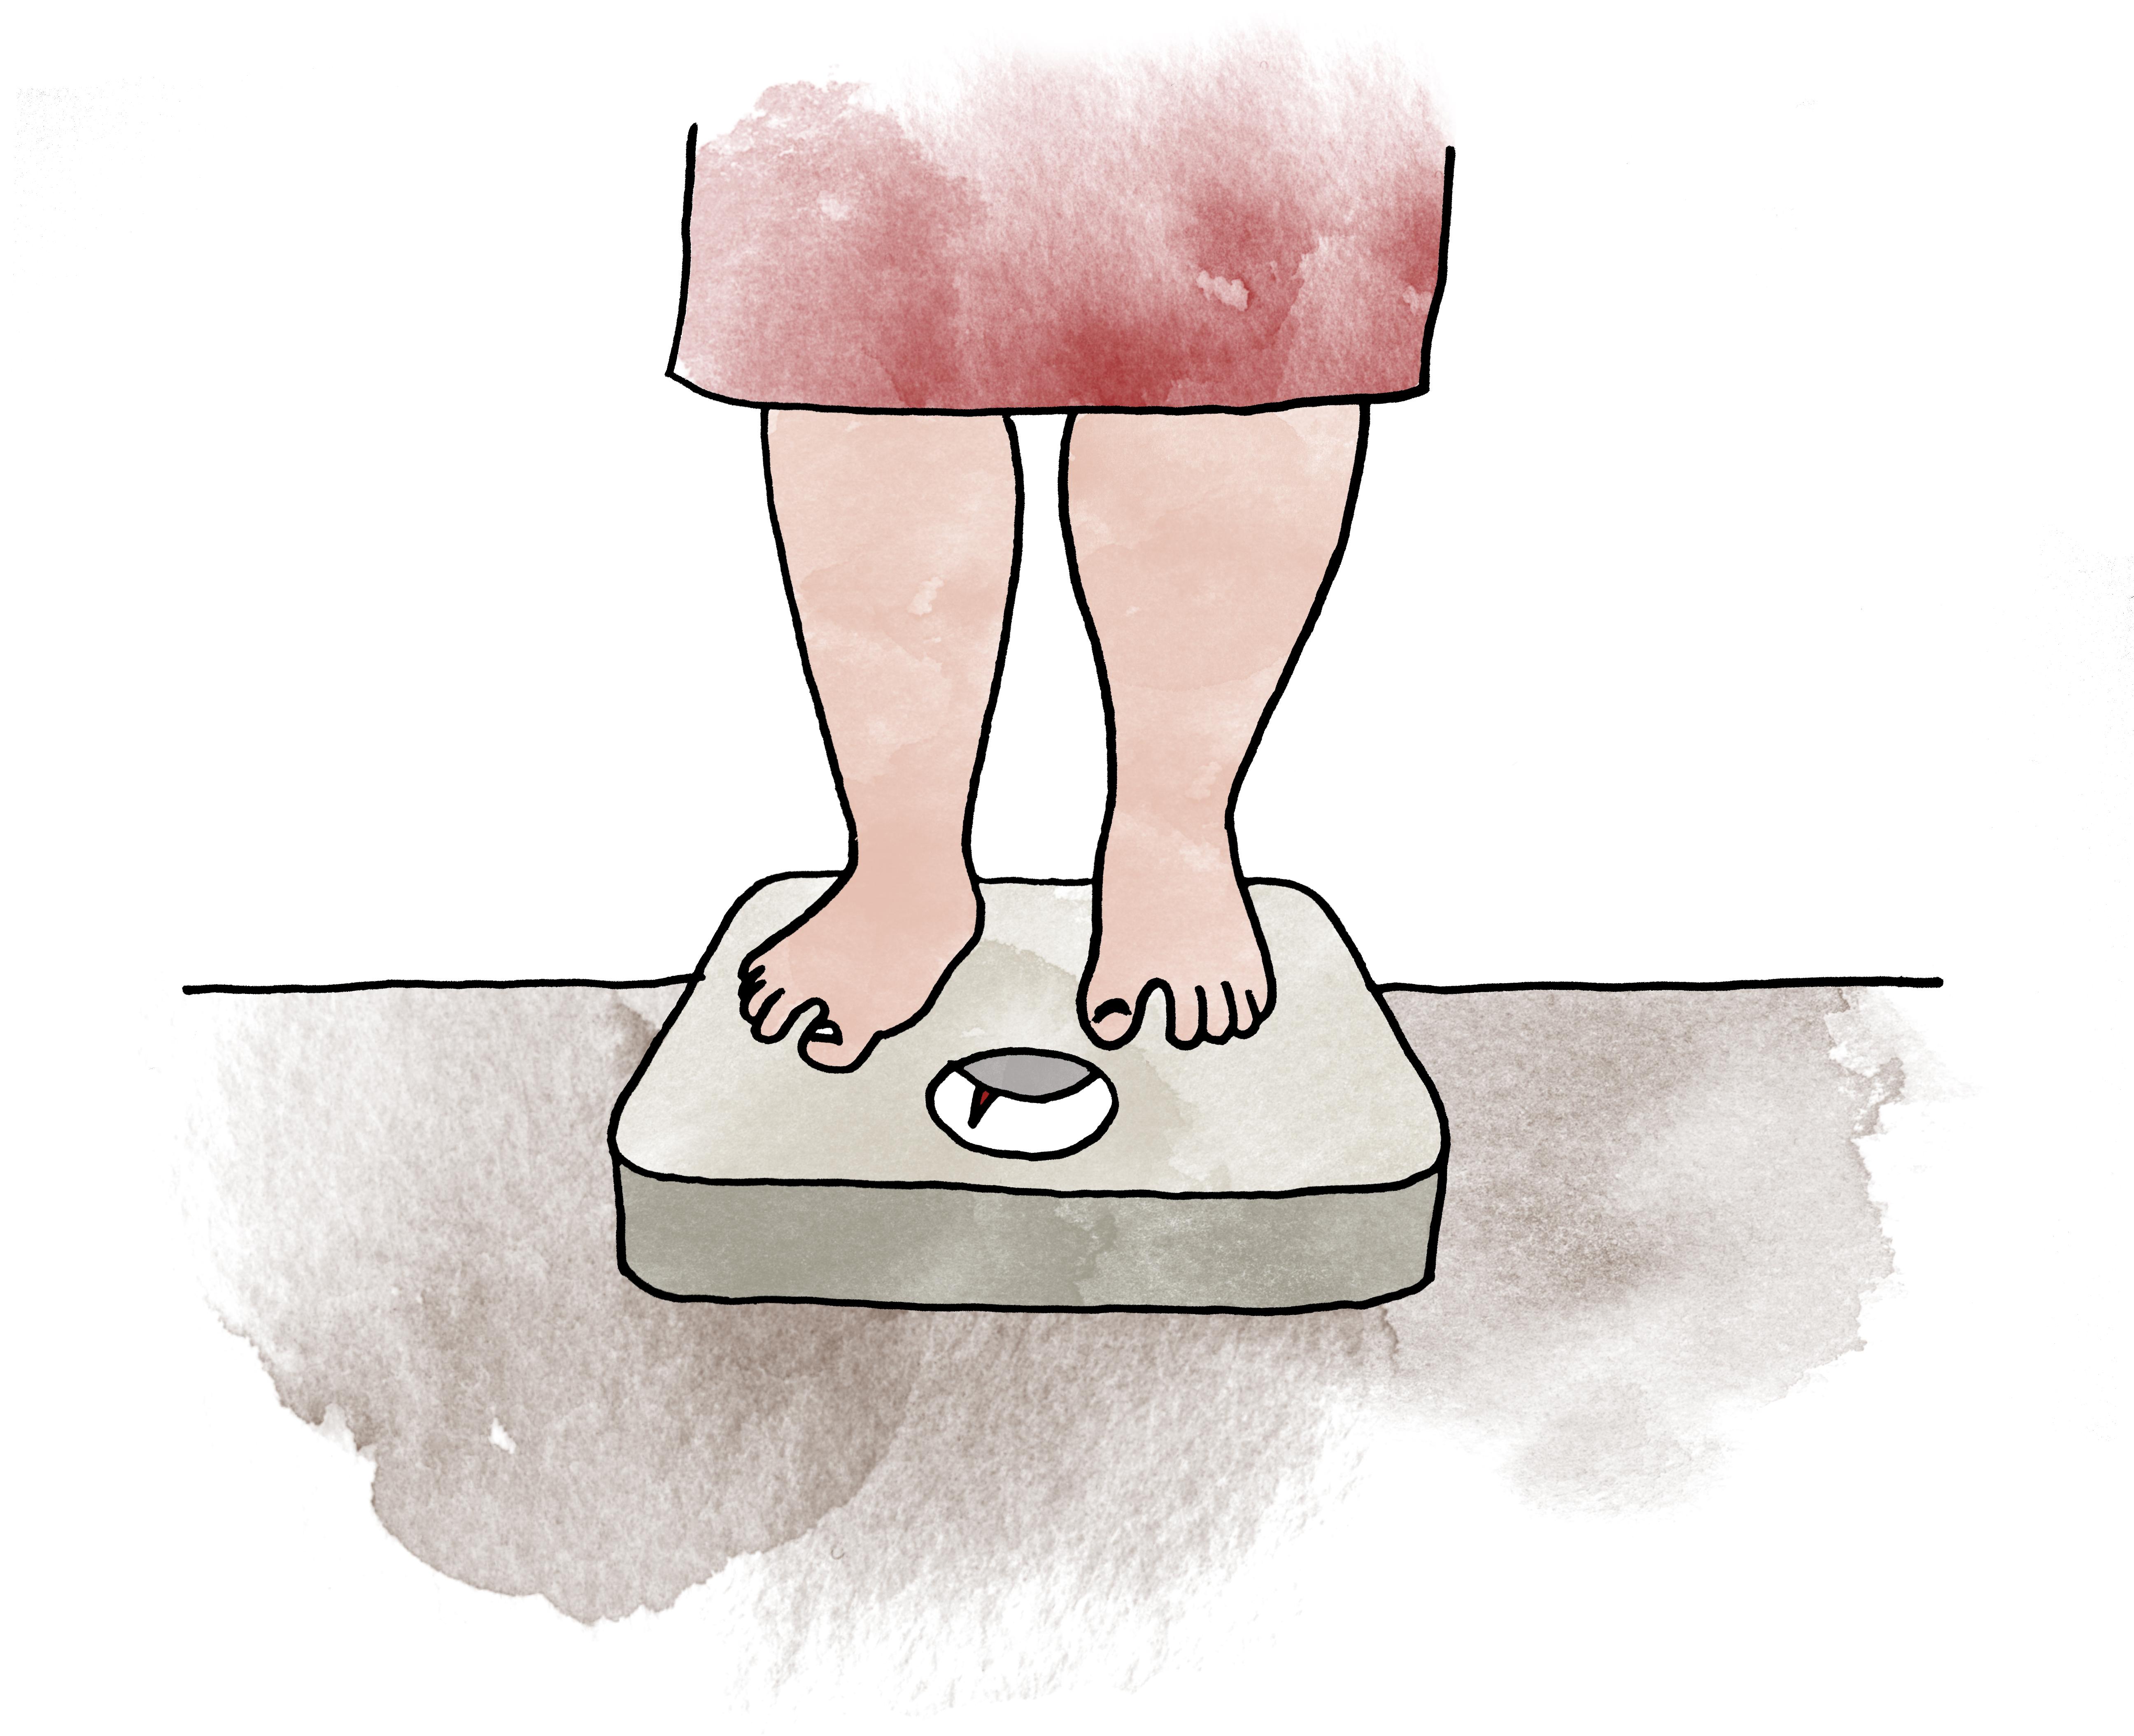 Övervikt är ingen sjukdom men det är däremot fetma. Den som har övervikt riskerar att utveckla fetma.